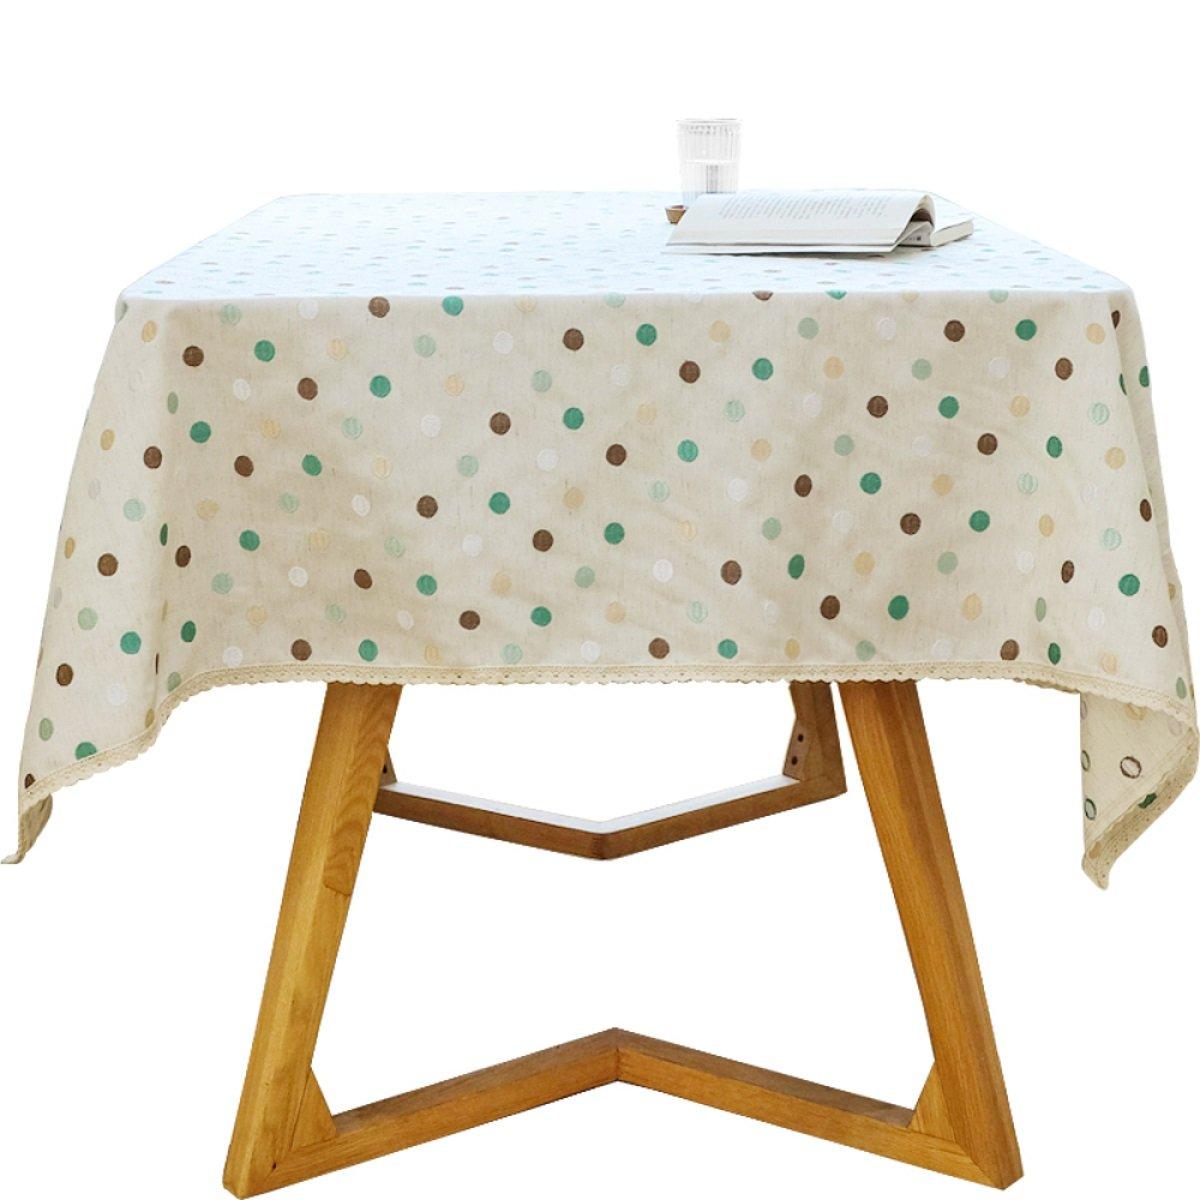 Mantel Paños de tela Paño de tabla de té Paño de tabla Mantel de tela de la toalla Tela de hogar Manteles de la familia Home Círculo de punto Tela Decoración (Caqui) ( Tamaño : 140200cm (55.178.7in) )